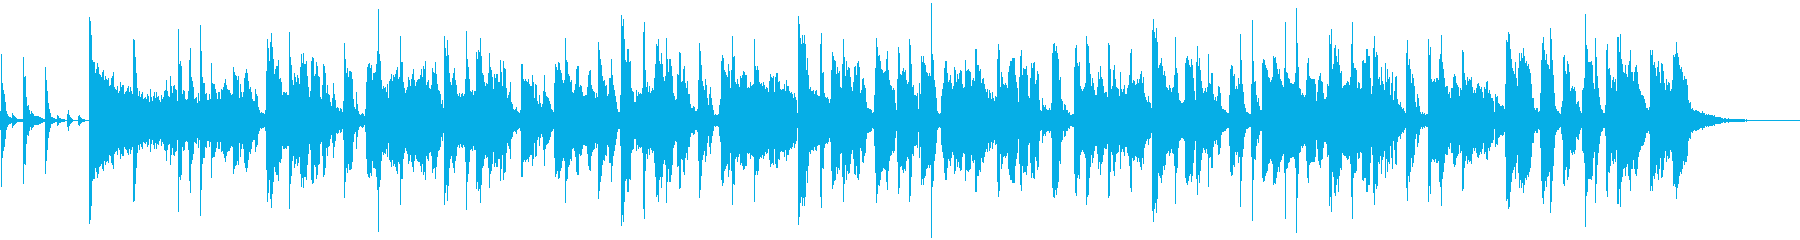 ファンキーなジャズは、エレクトリッ...の再生済みの波形